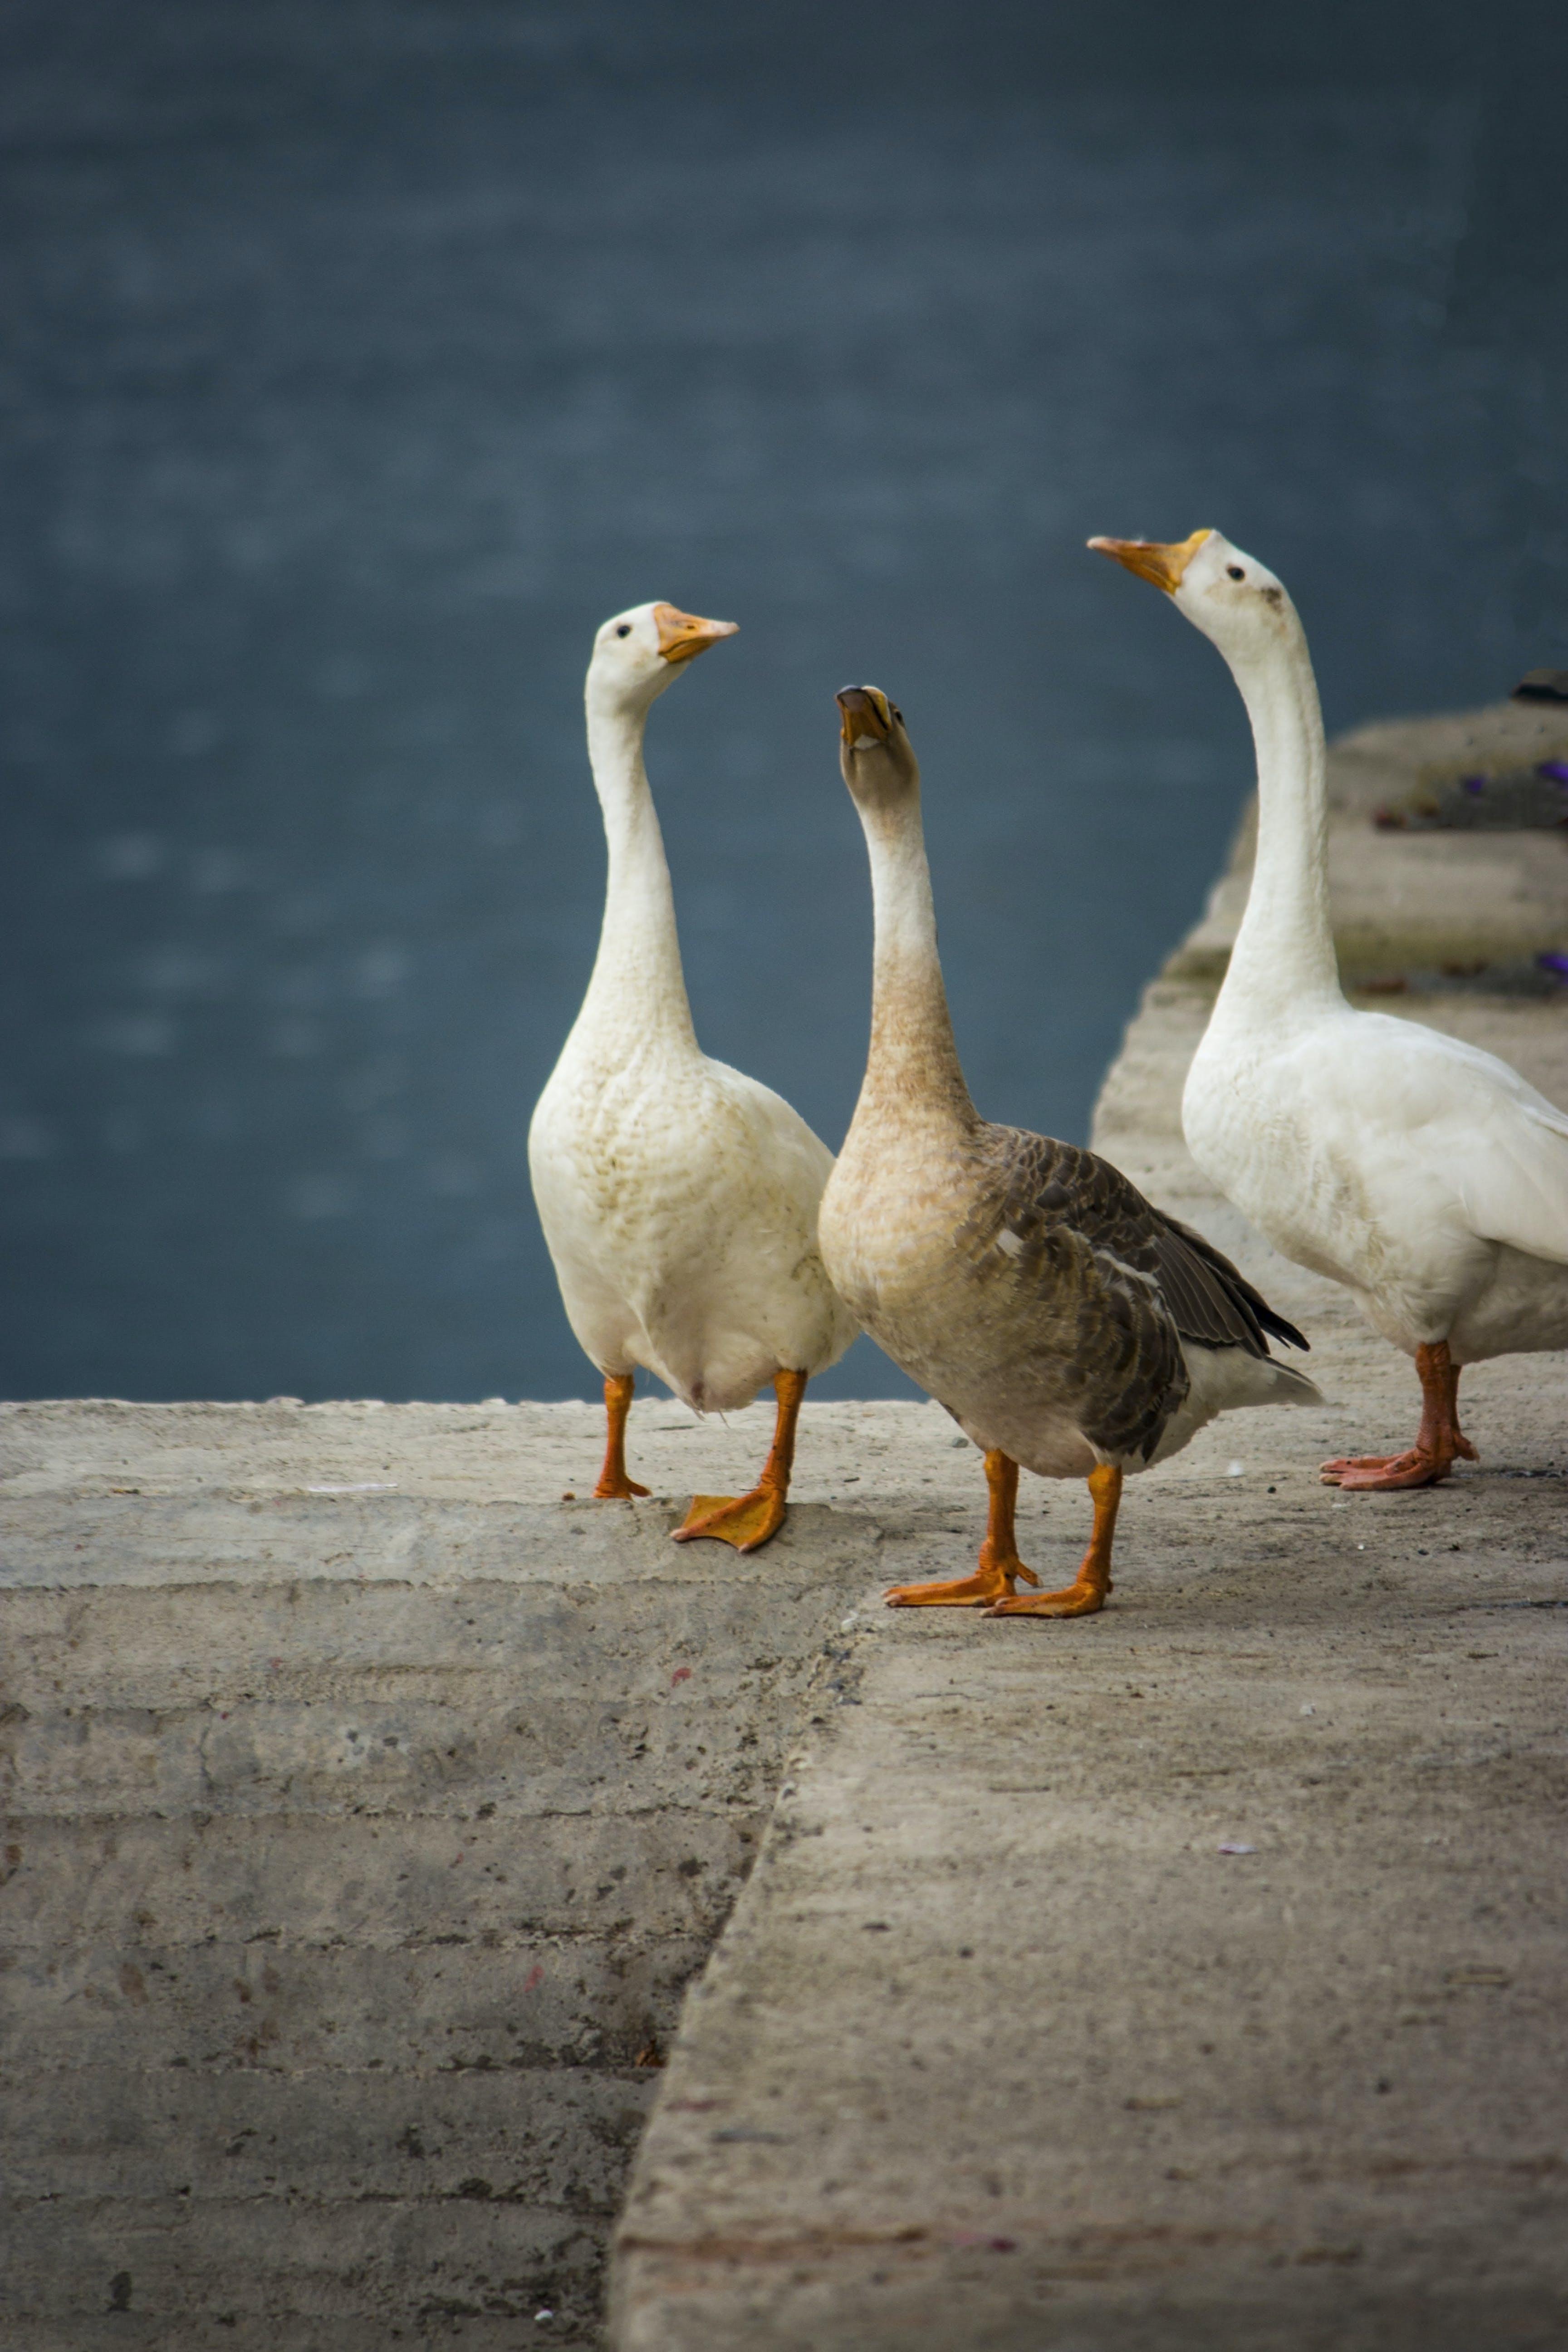 Foto d'estoc gratuïta de #flying #puppylove #howdoyouhunt #hunters #duckcal, #goose #bird #geese #ducks #wildlife #goosehunting